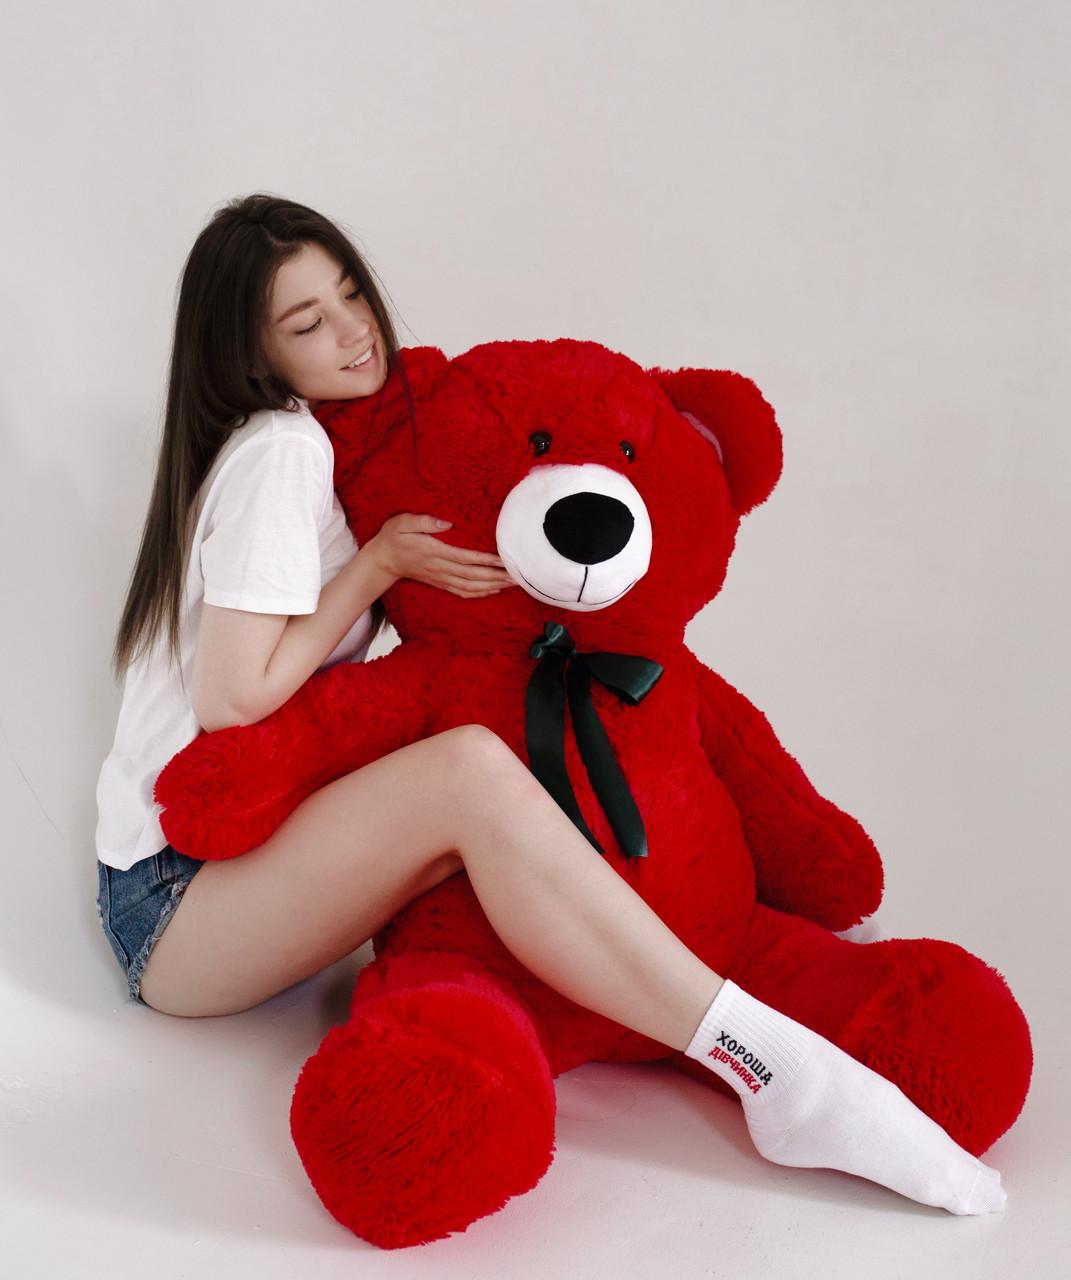 Плюшевий Ведмедик Червоний 160см (Версія Limited)